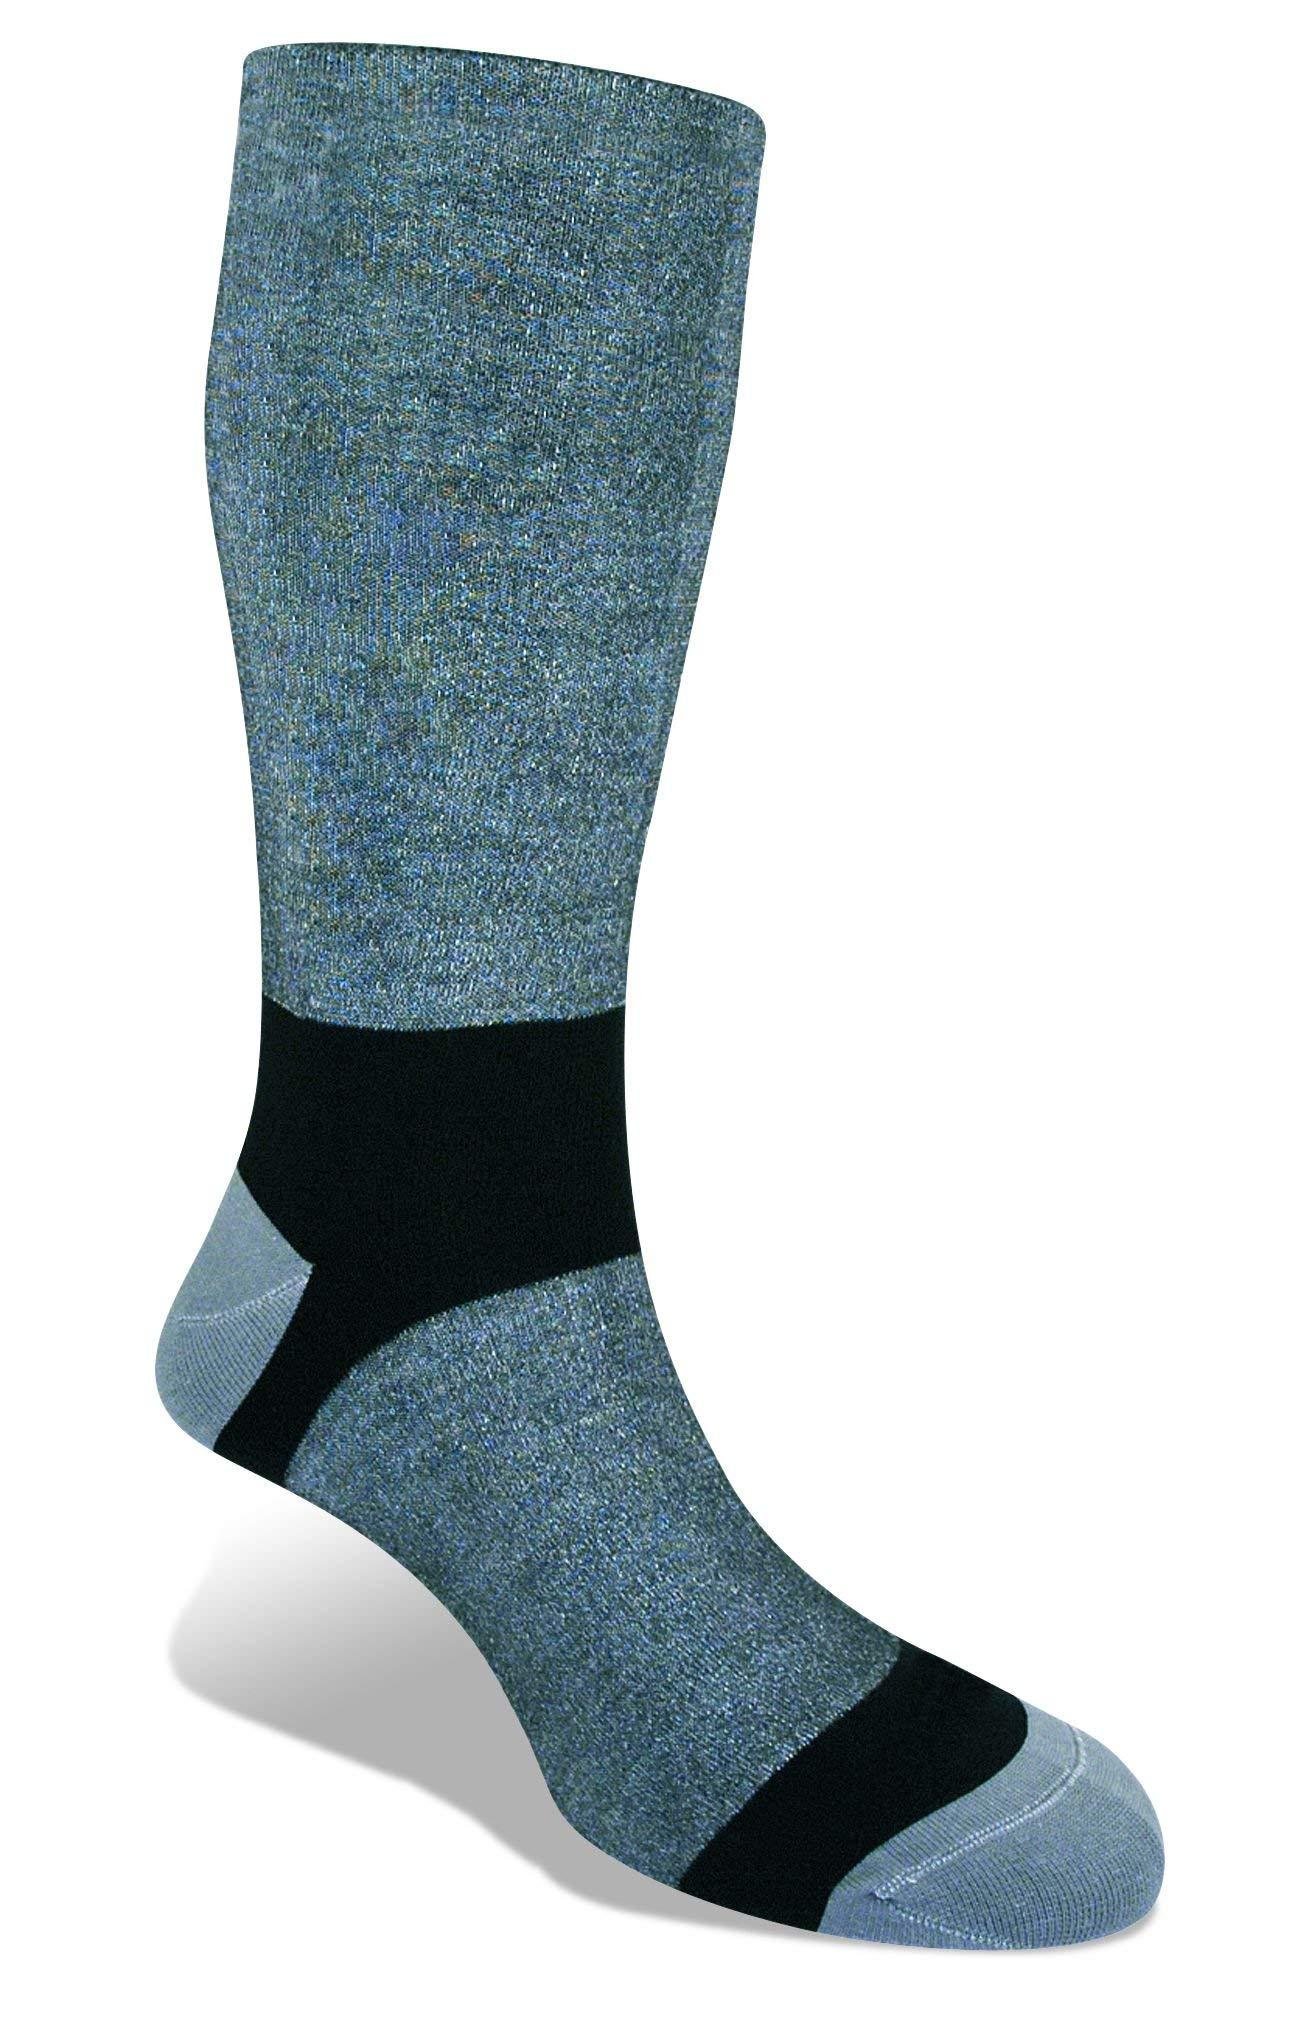 Bridgedale Ultralight Coolmax Liner Socks (2-Pack), Grey, Medium by Bridgedale